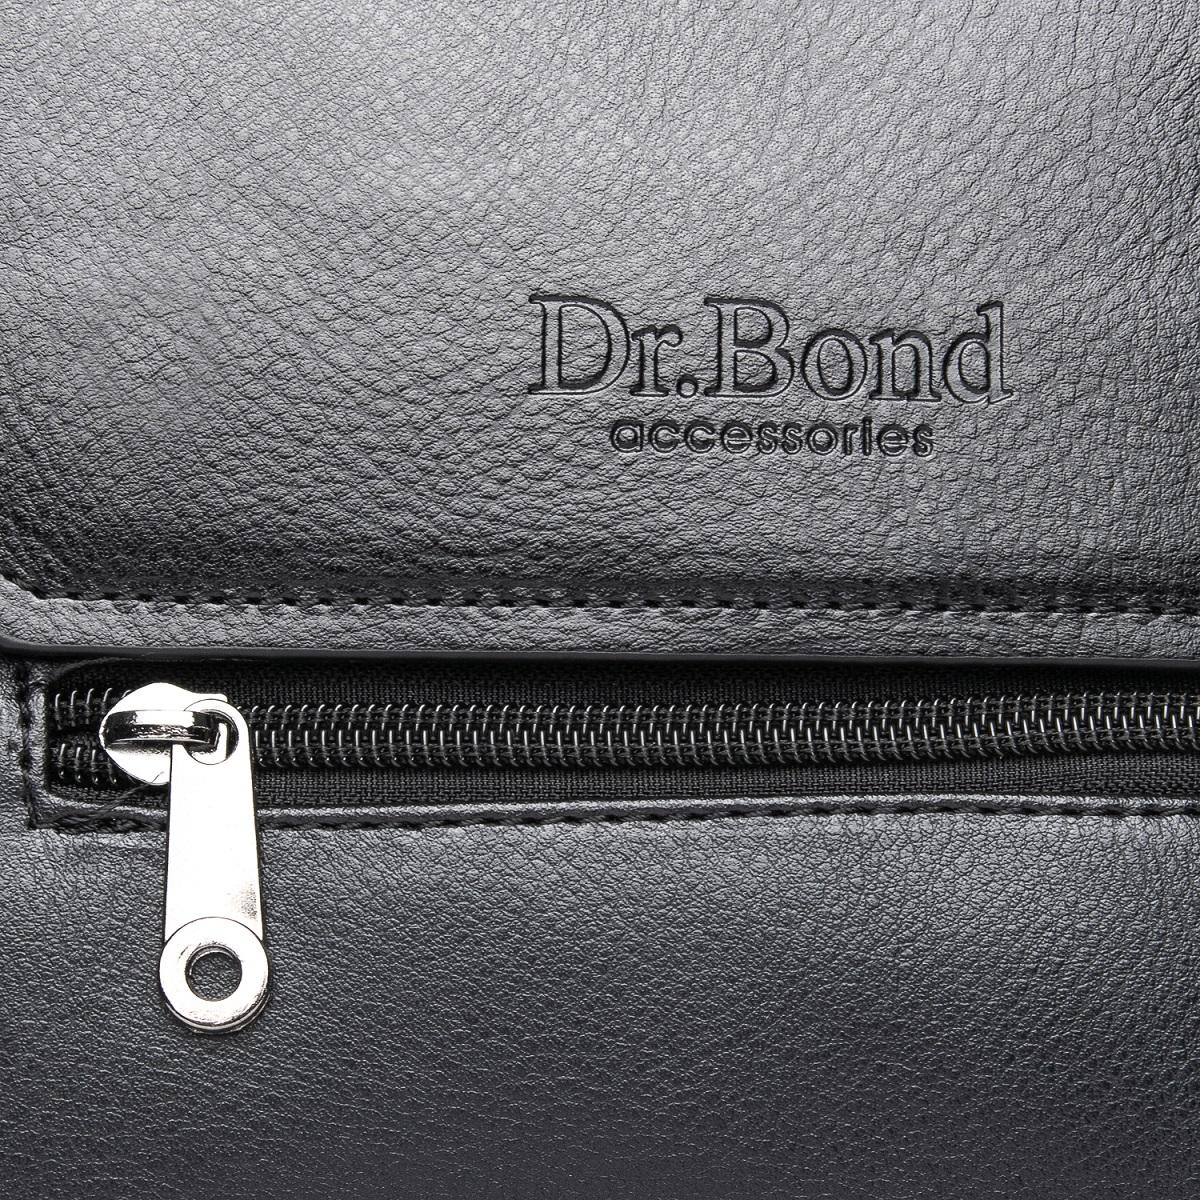 Сумка Мужская Планшет иск-кожа DR. BOND GL 213-2 black - фото 3